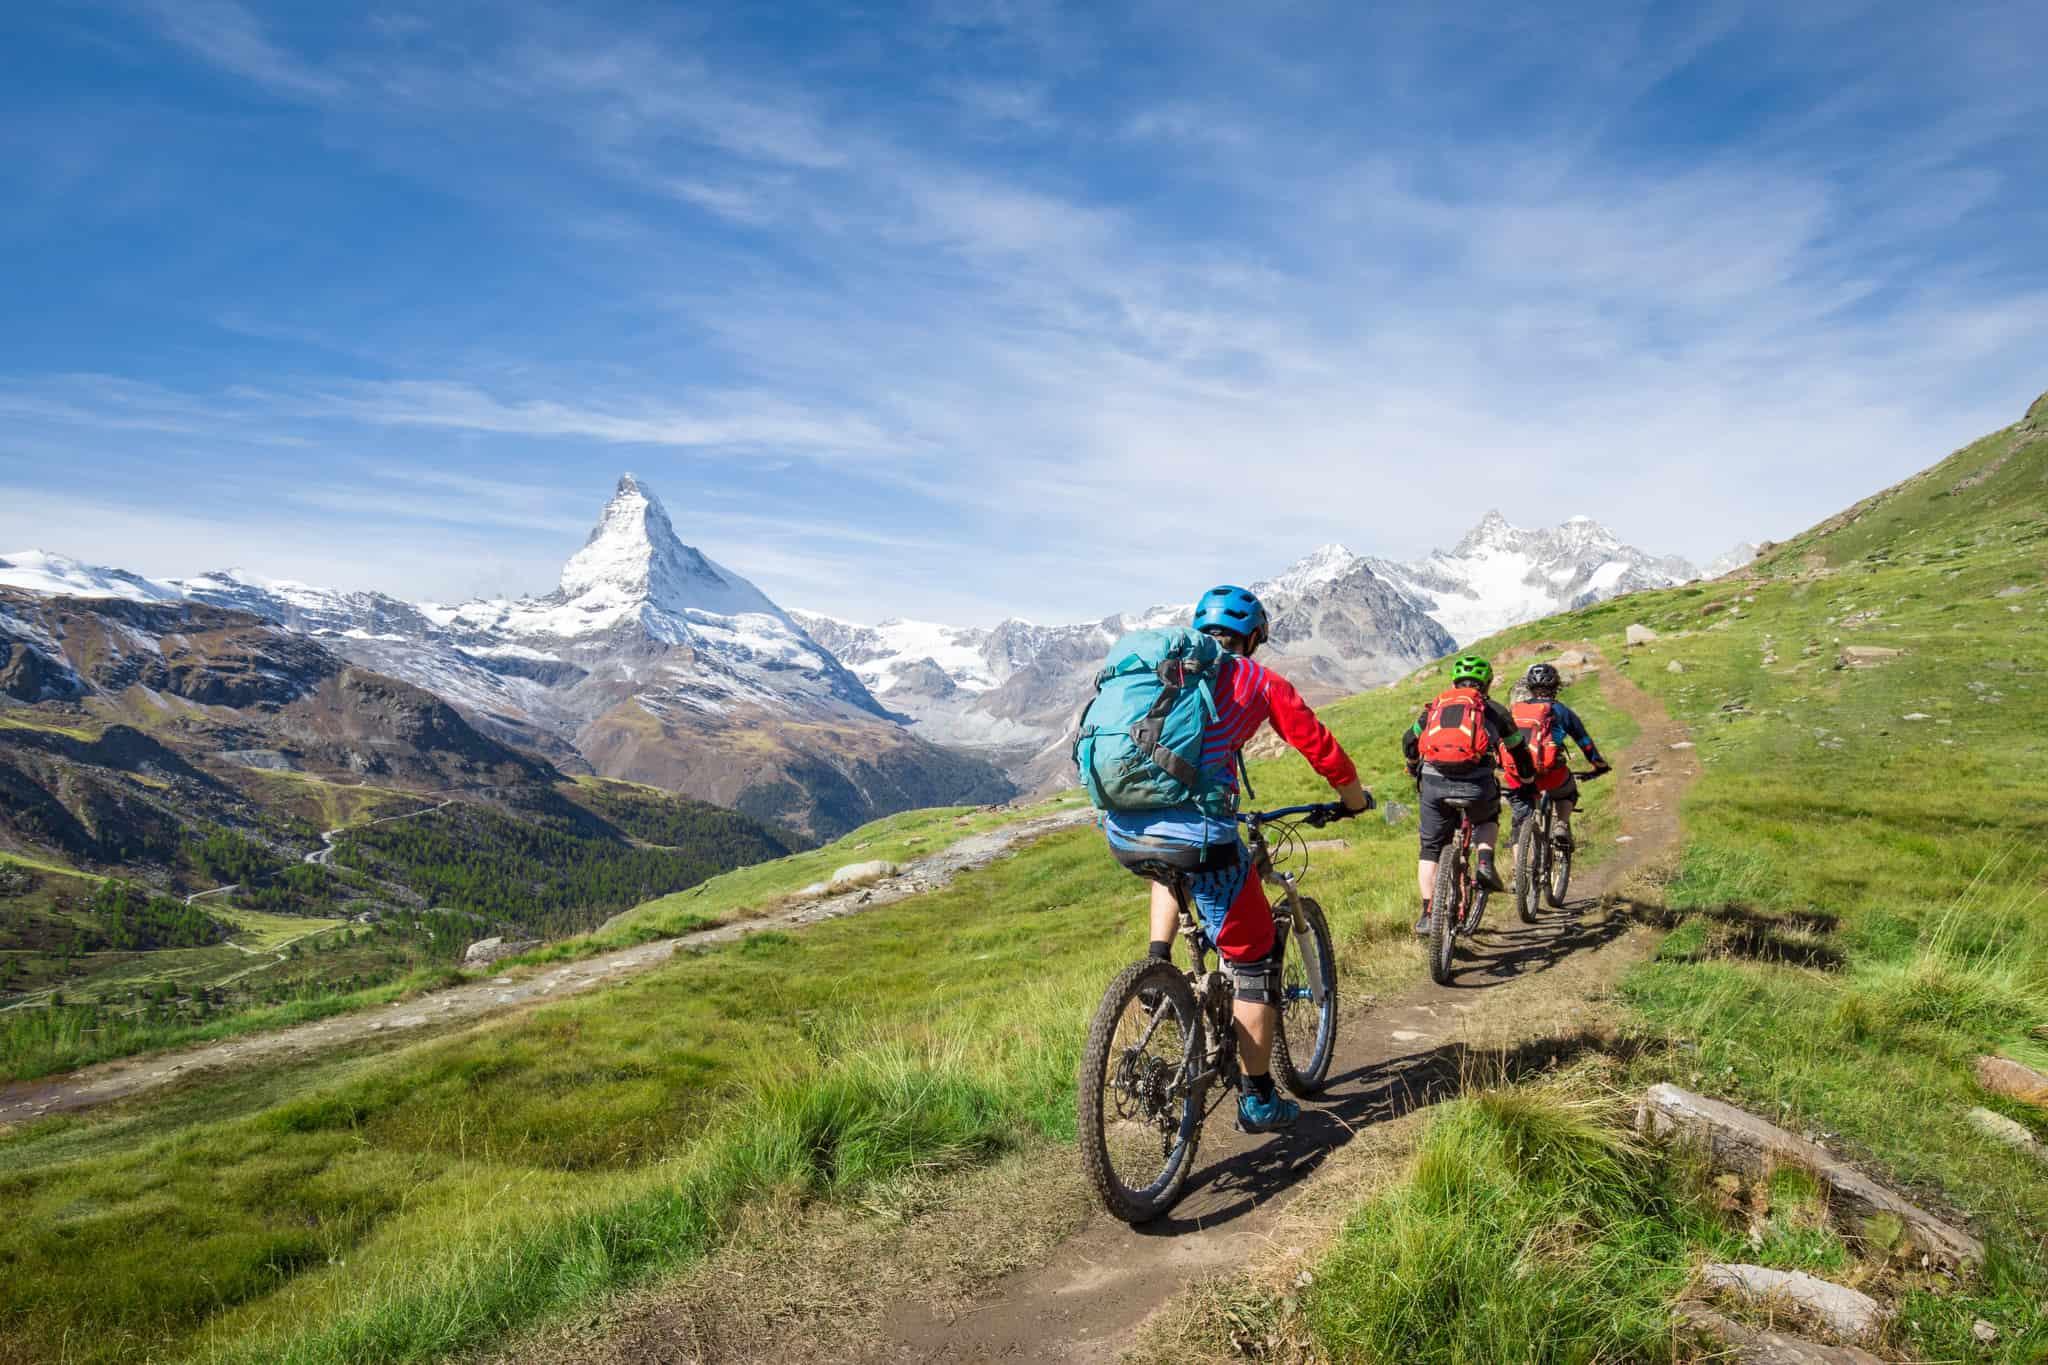 rengjøre sykkeltilbehøret